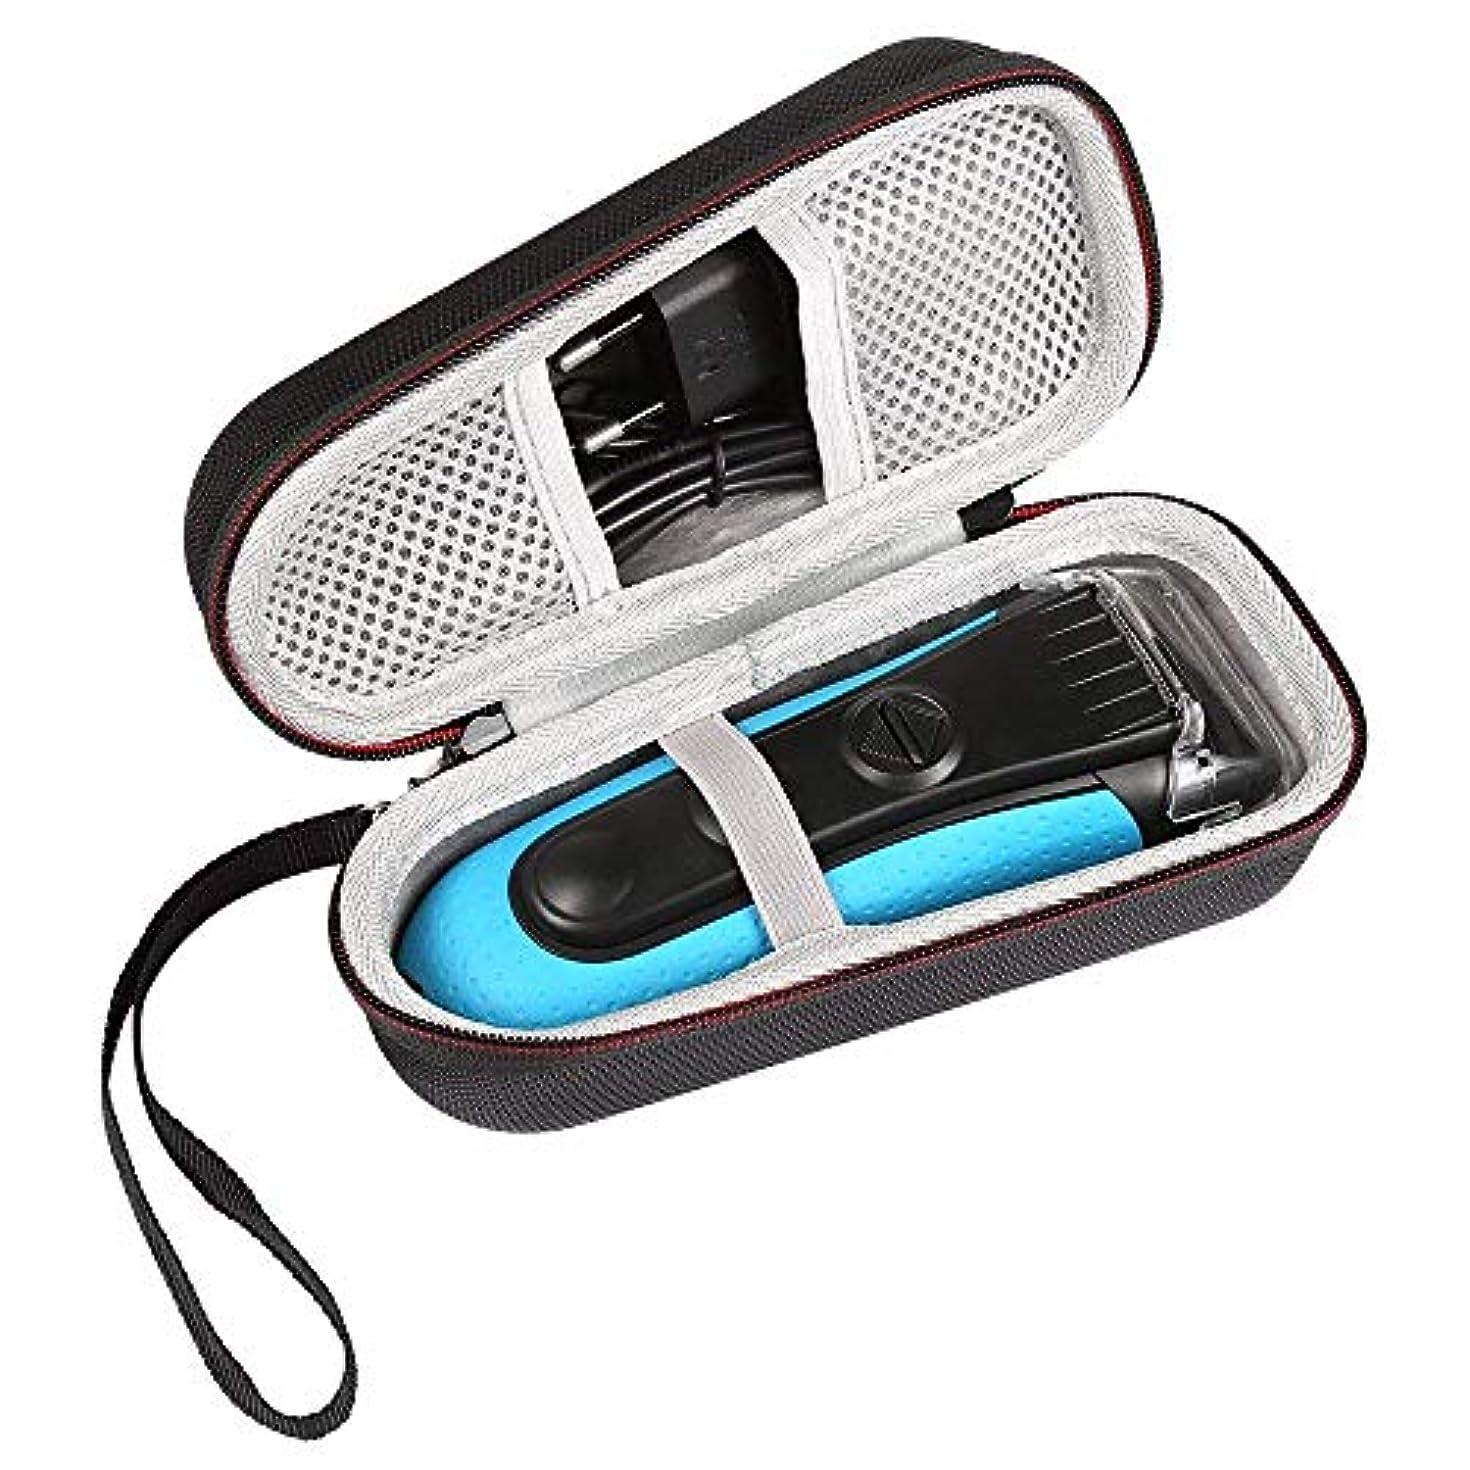 タイプ充電ブラウン Braun シリーズ3 メンズシェーバー 3010s 310s 3040s 3020s-B 300S-Rハードケースバッグ 専用旅行収納 対応